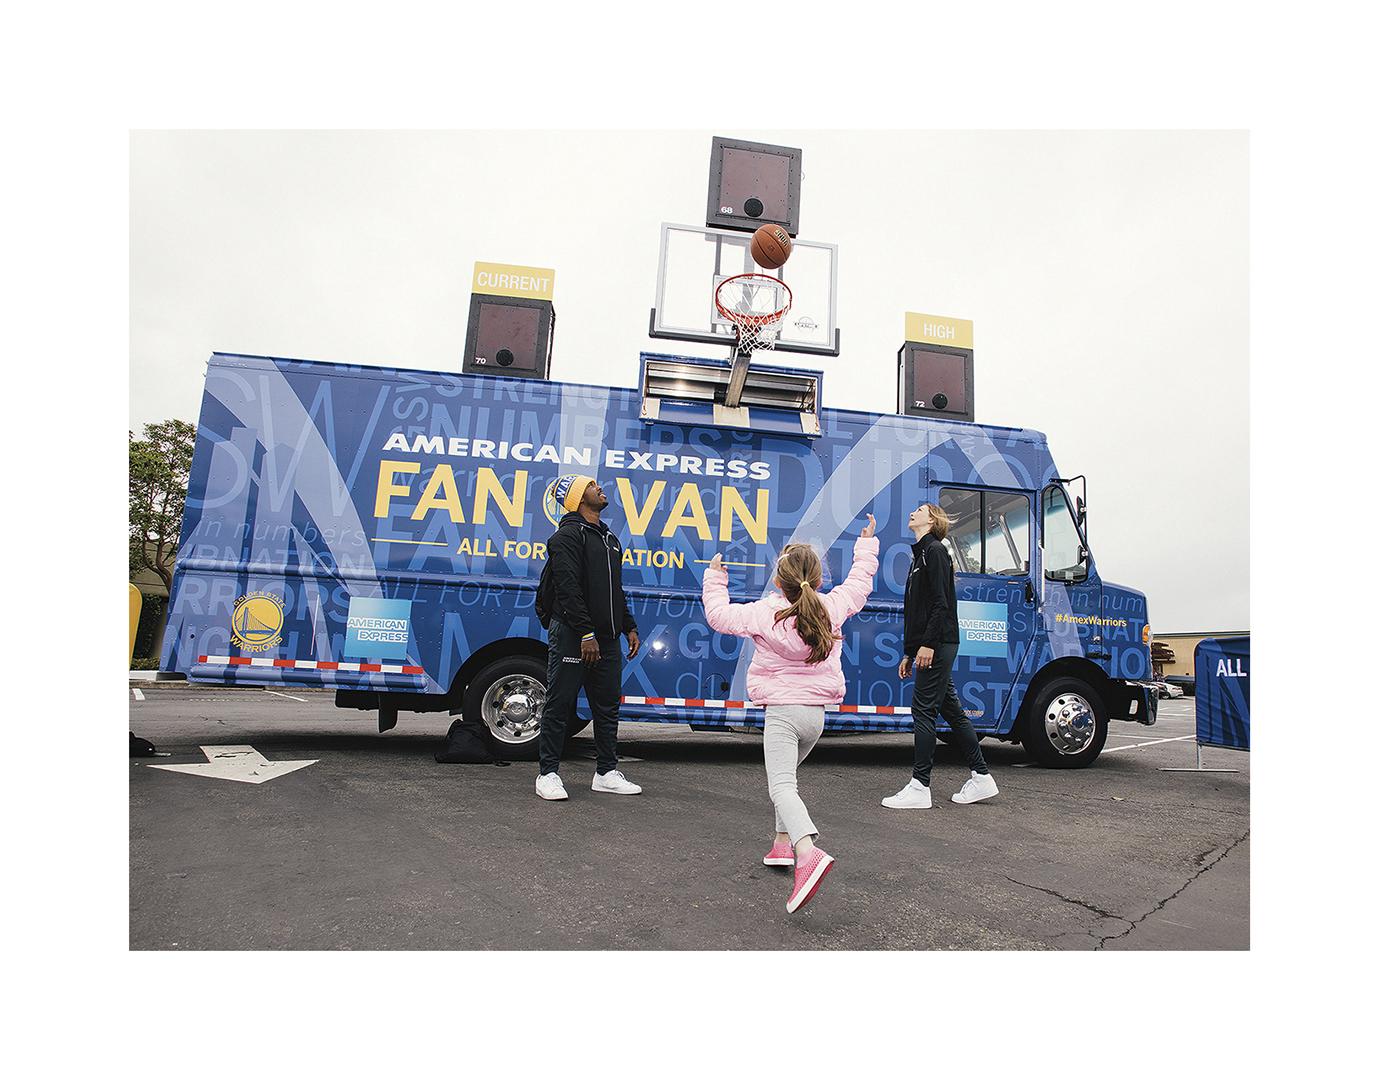 Fan Van, Oakland, CA, American Express